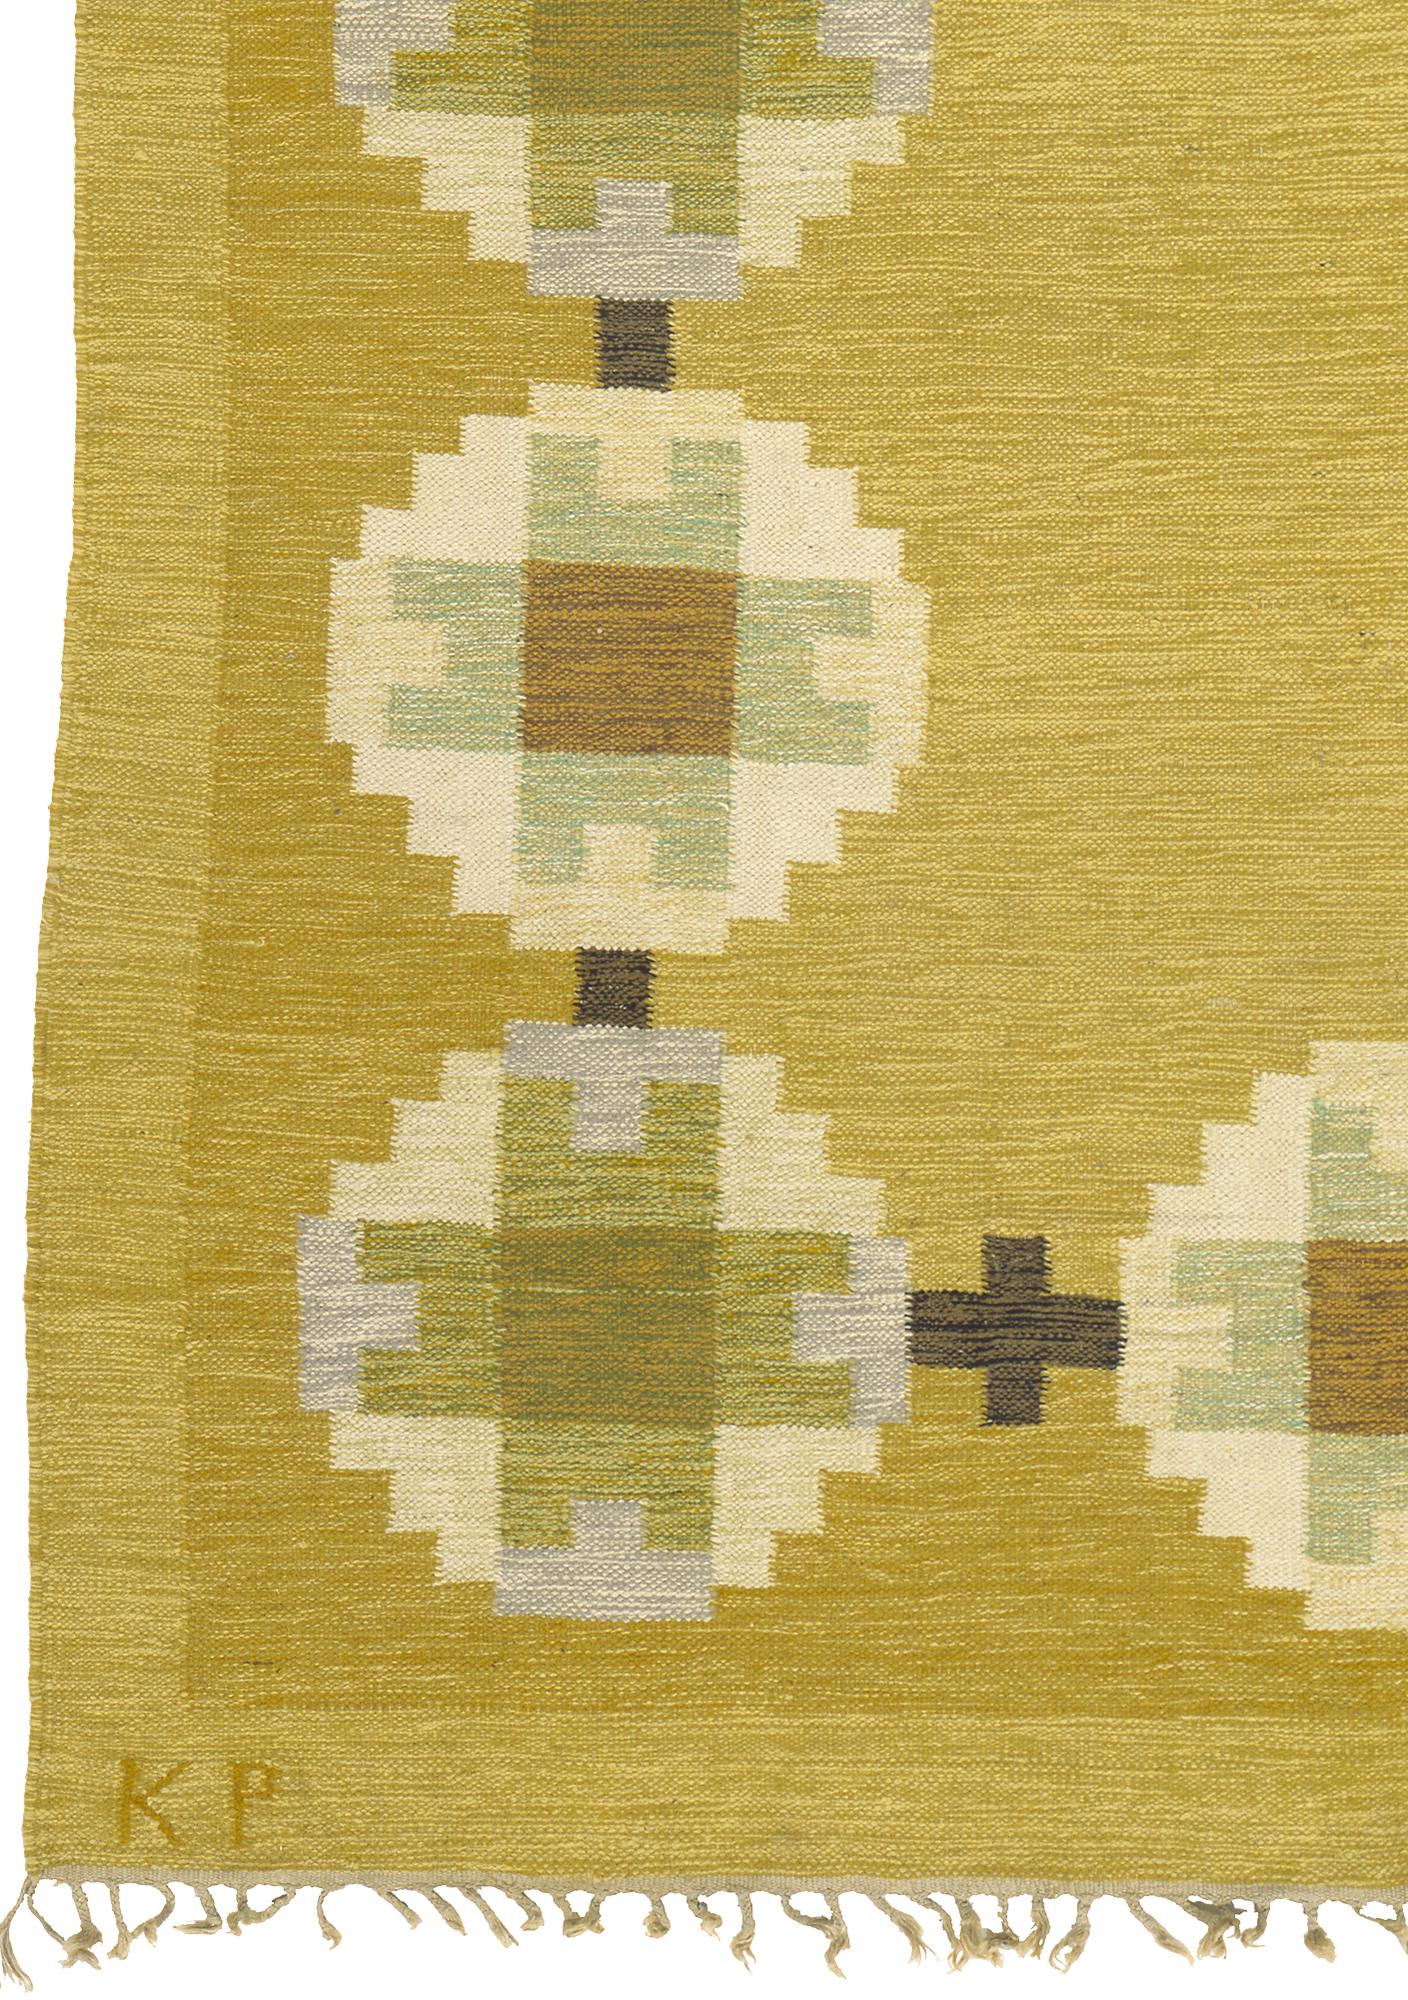 Swedish Flat Weave Rug #02636 | FJ Hakimian